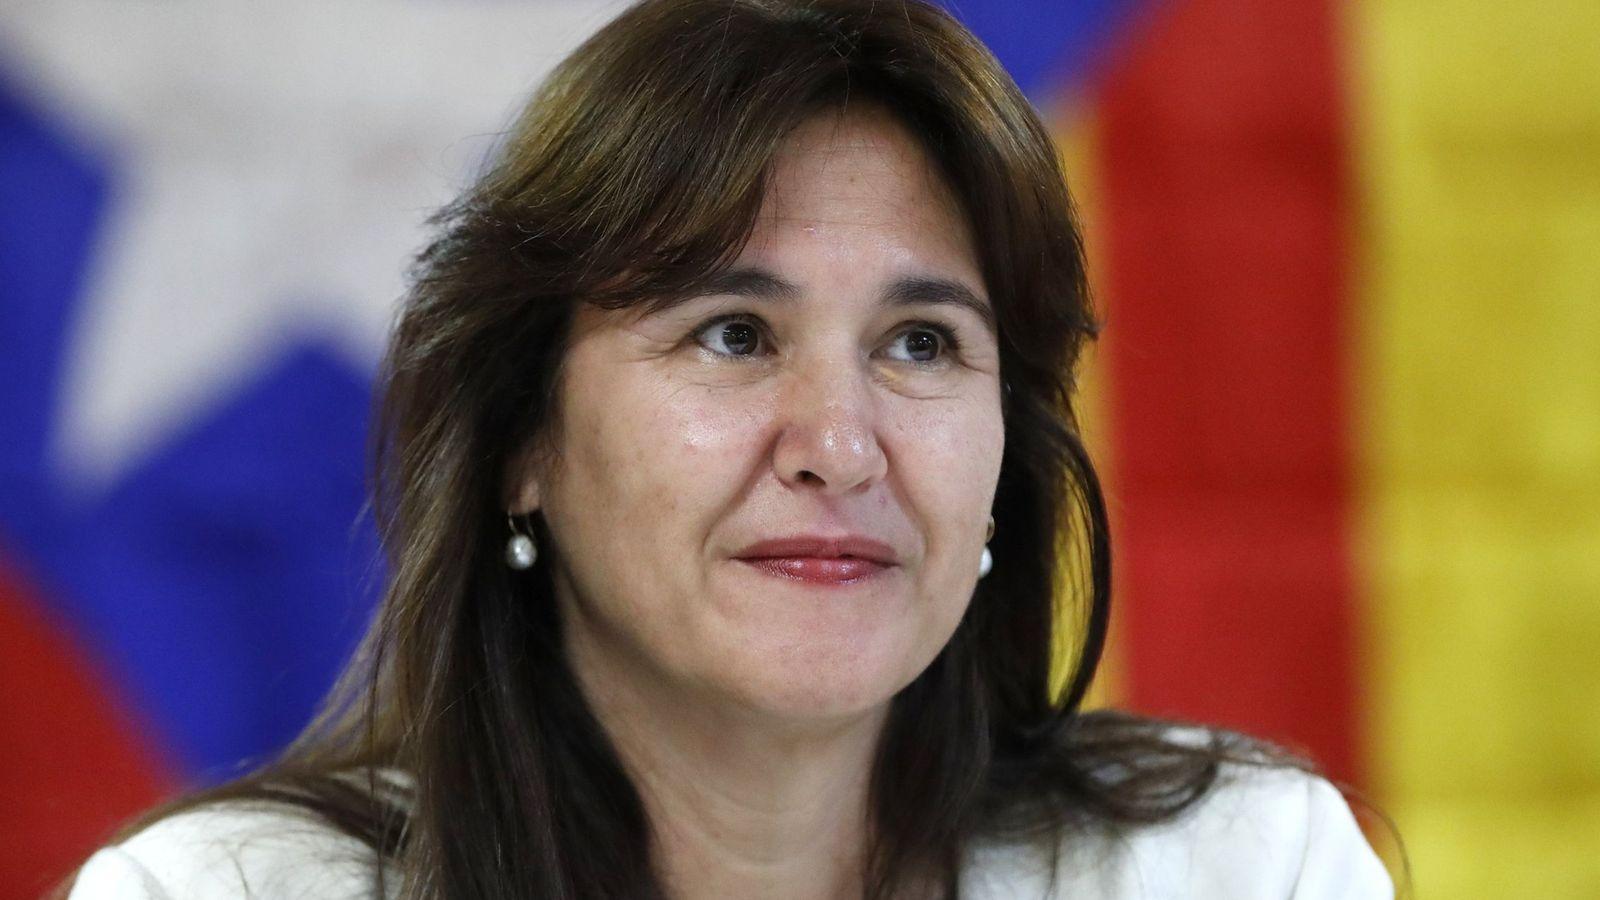 Foto: Laura Borràs, exdirectora del Institució de les Lletres Catalanes. (EFE)